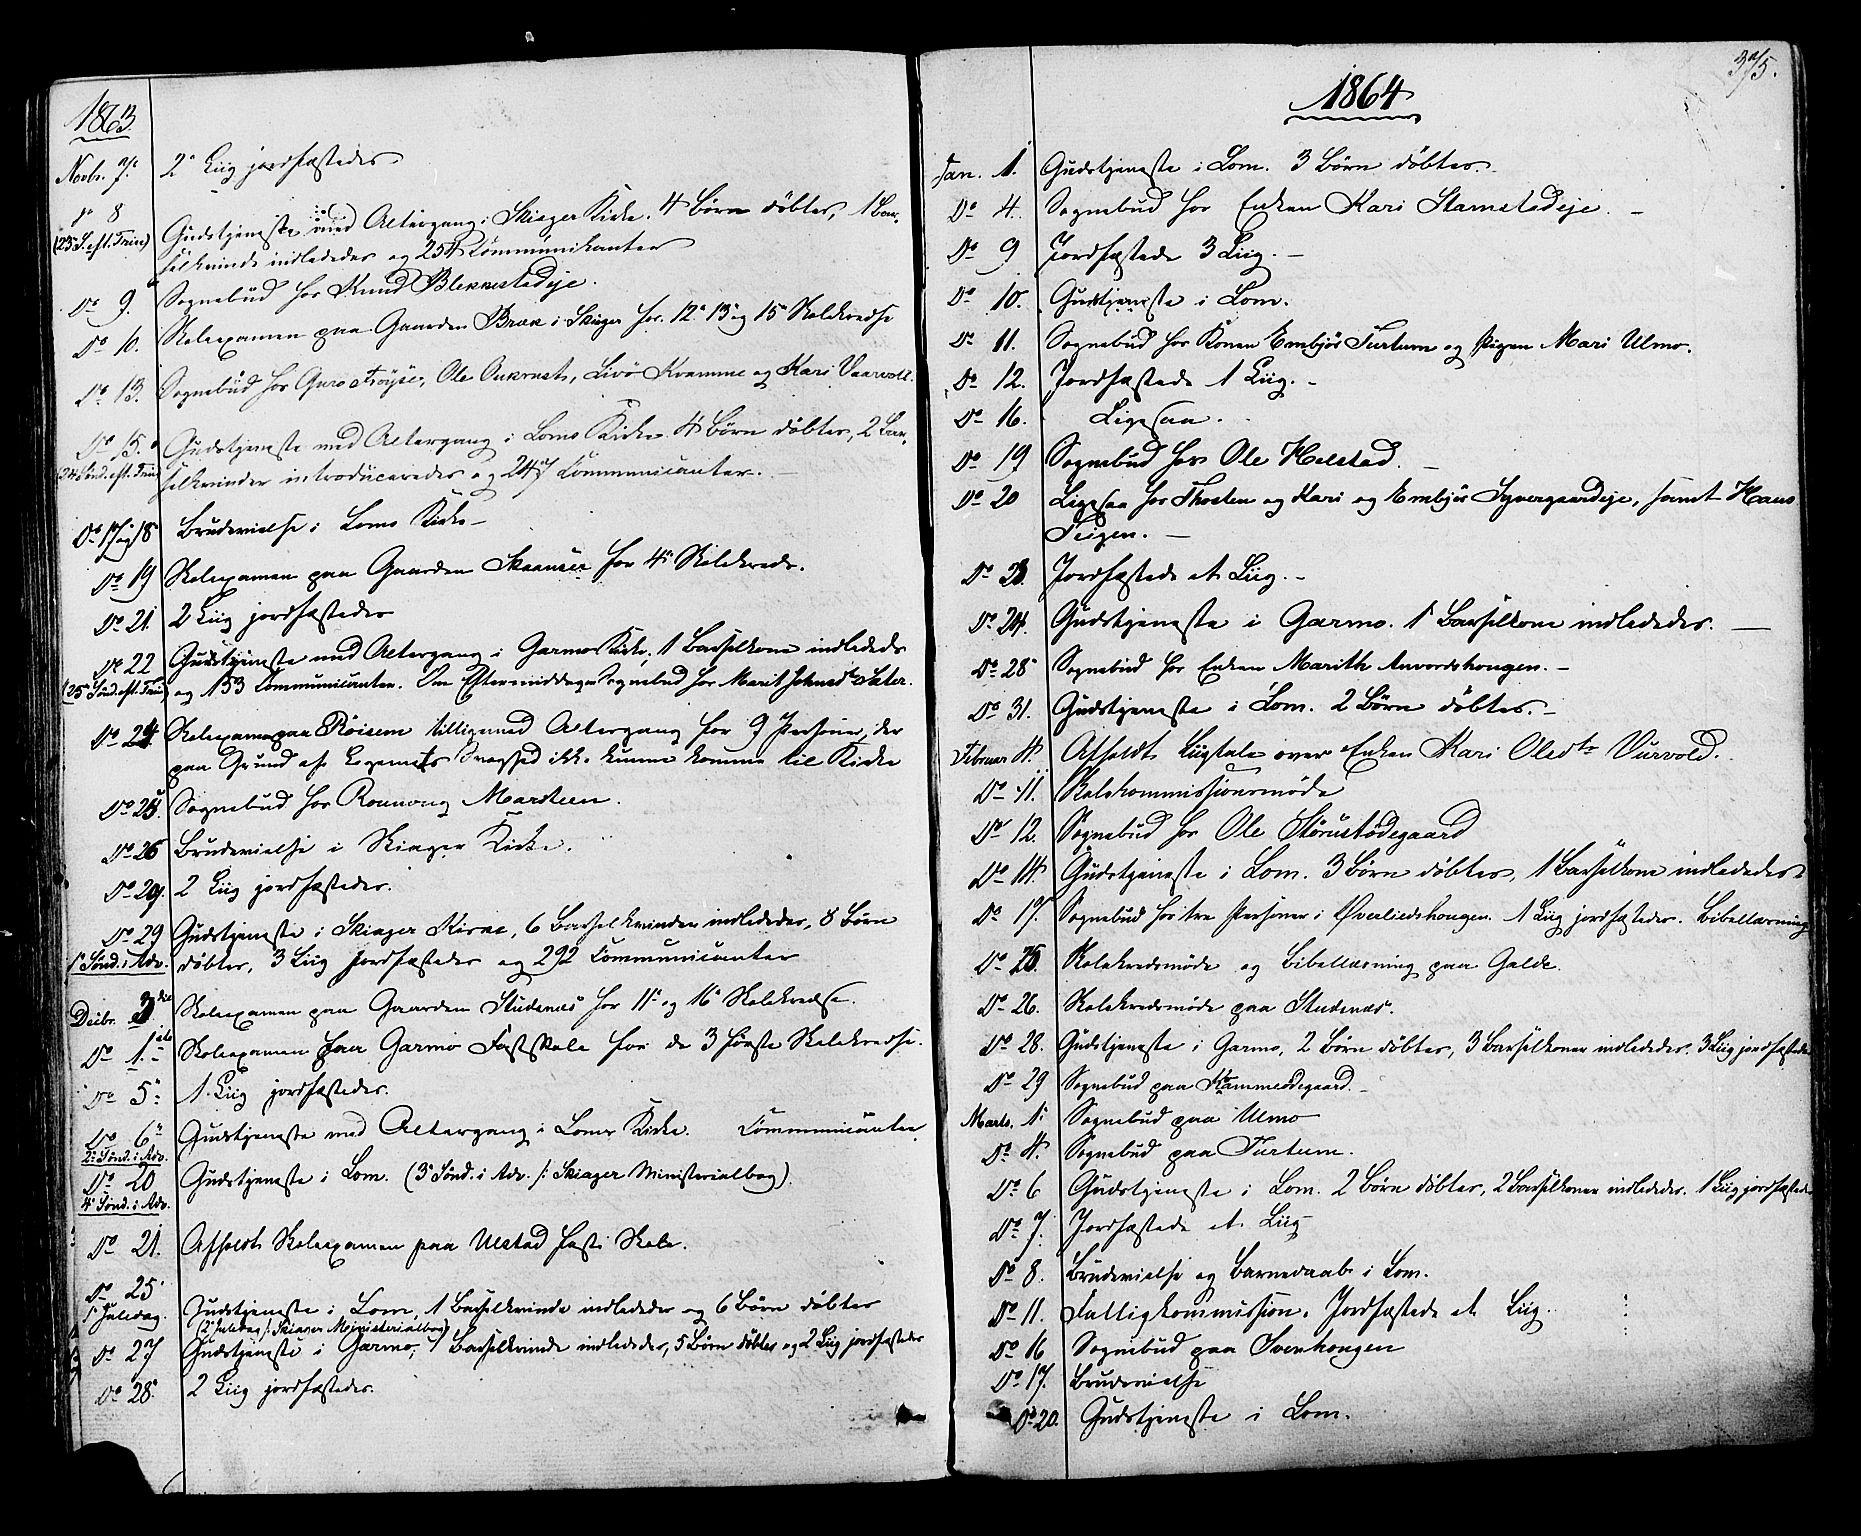 SAH, Lom prestekontor, K/L0007: Ministerialbok nr. 7, 1863-1884, s. 375